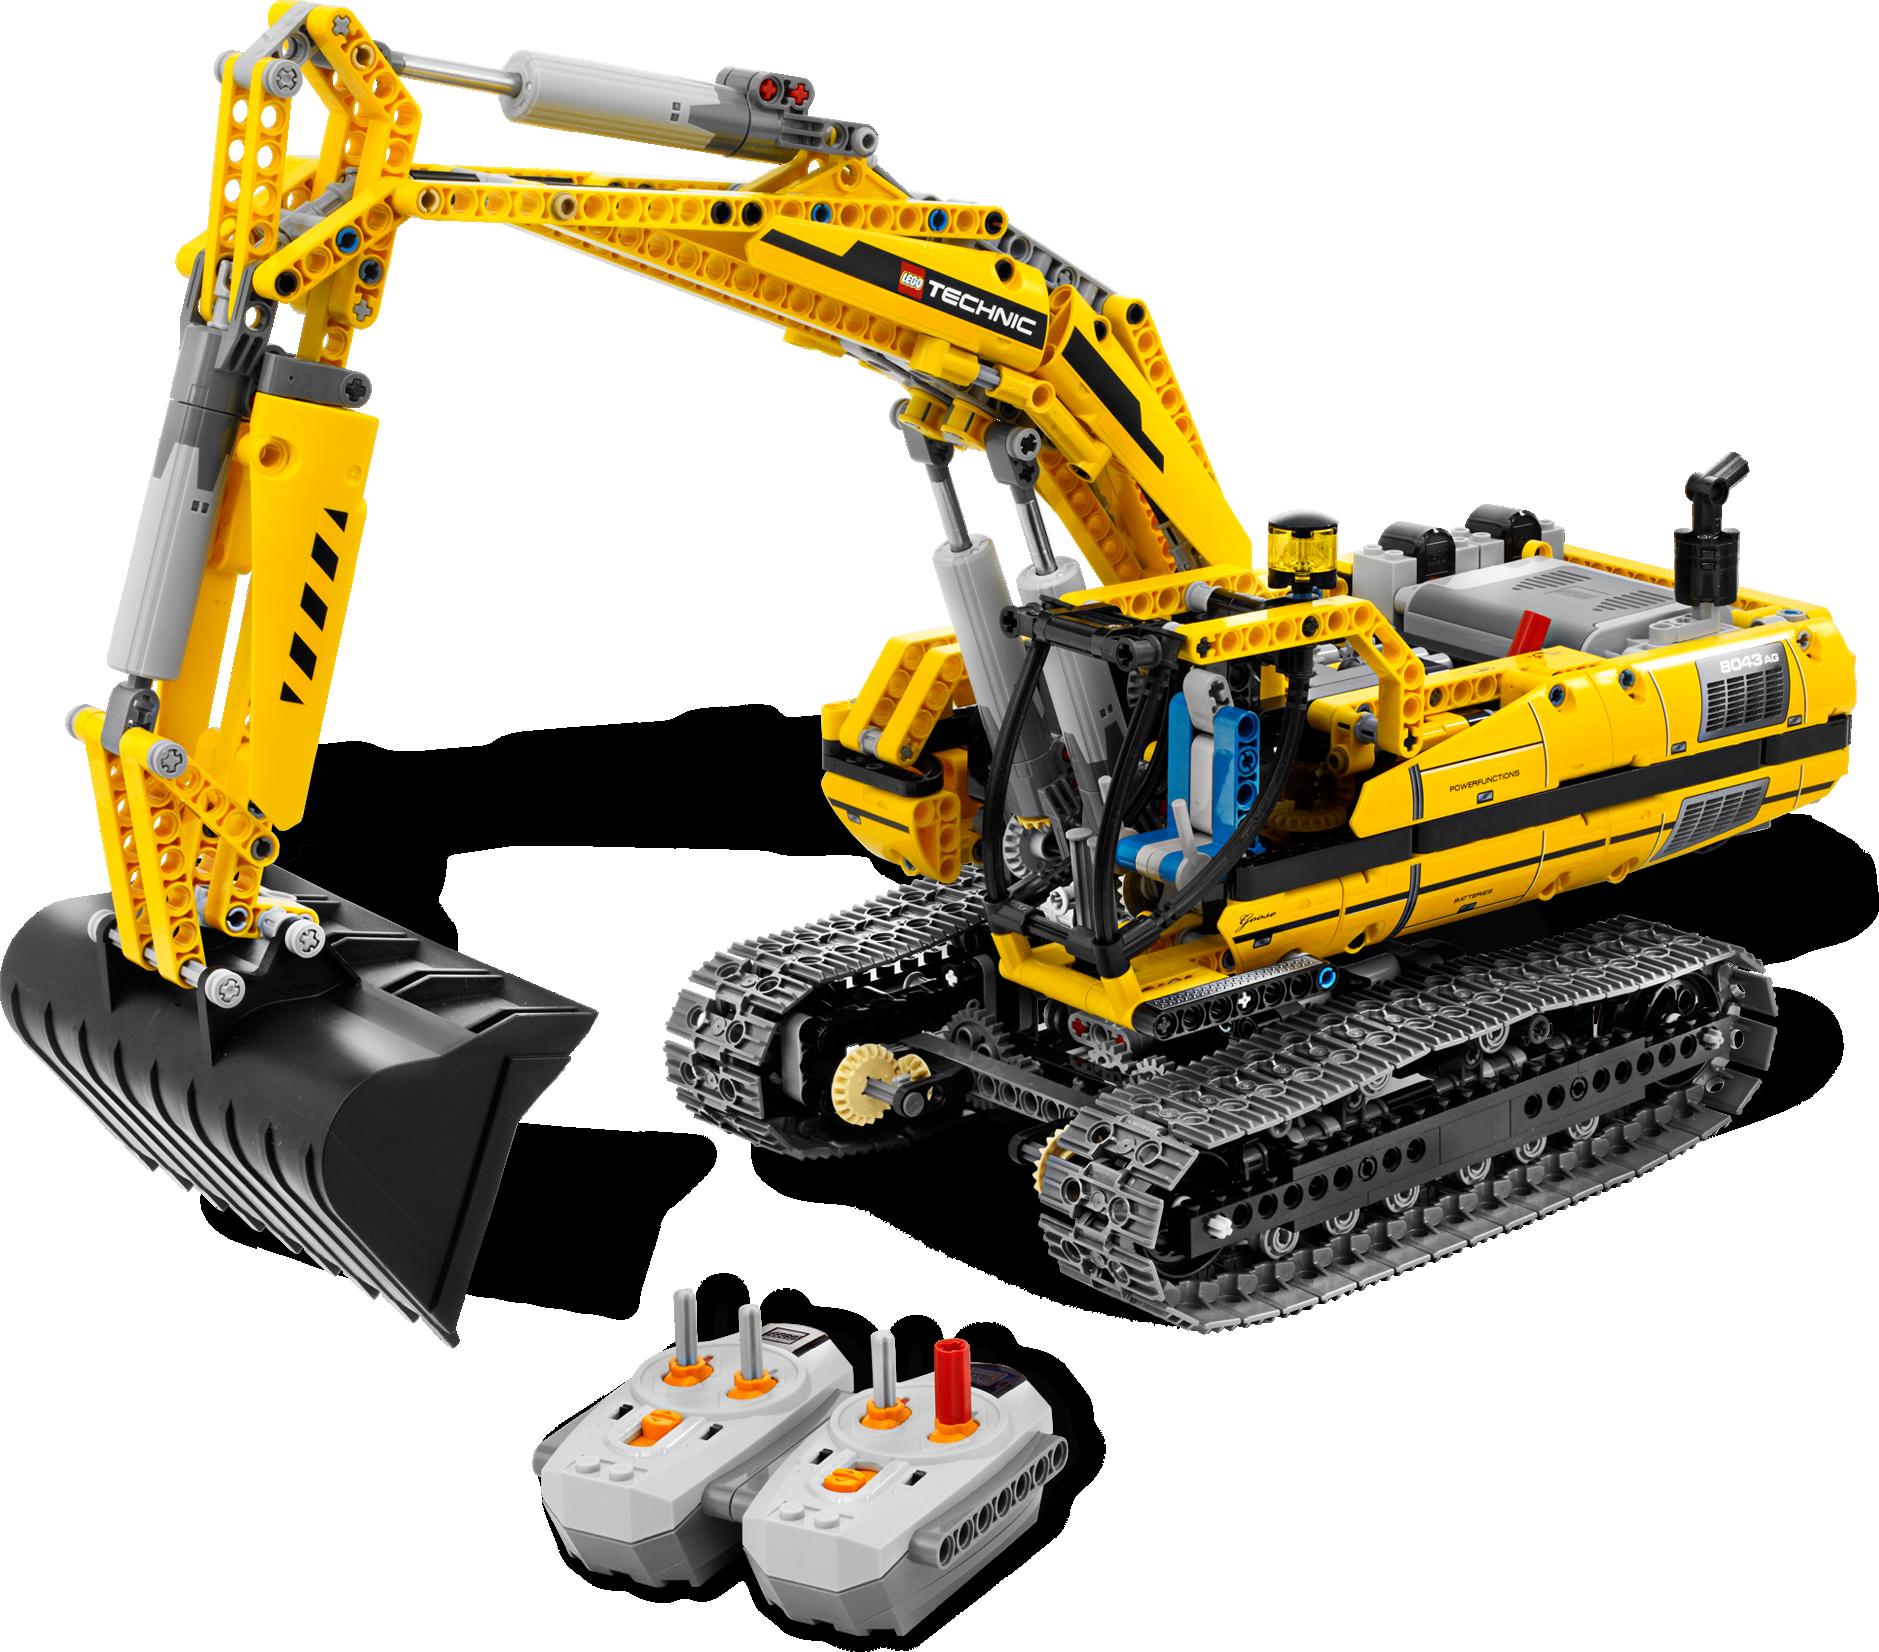 Motorized Excavator